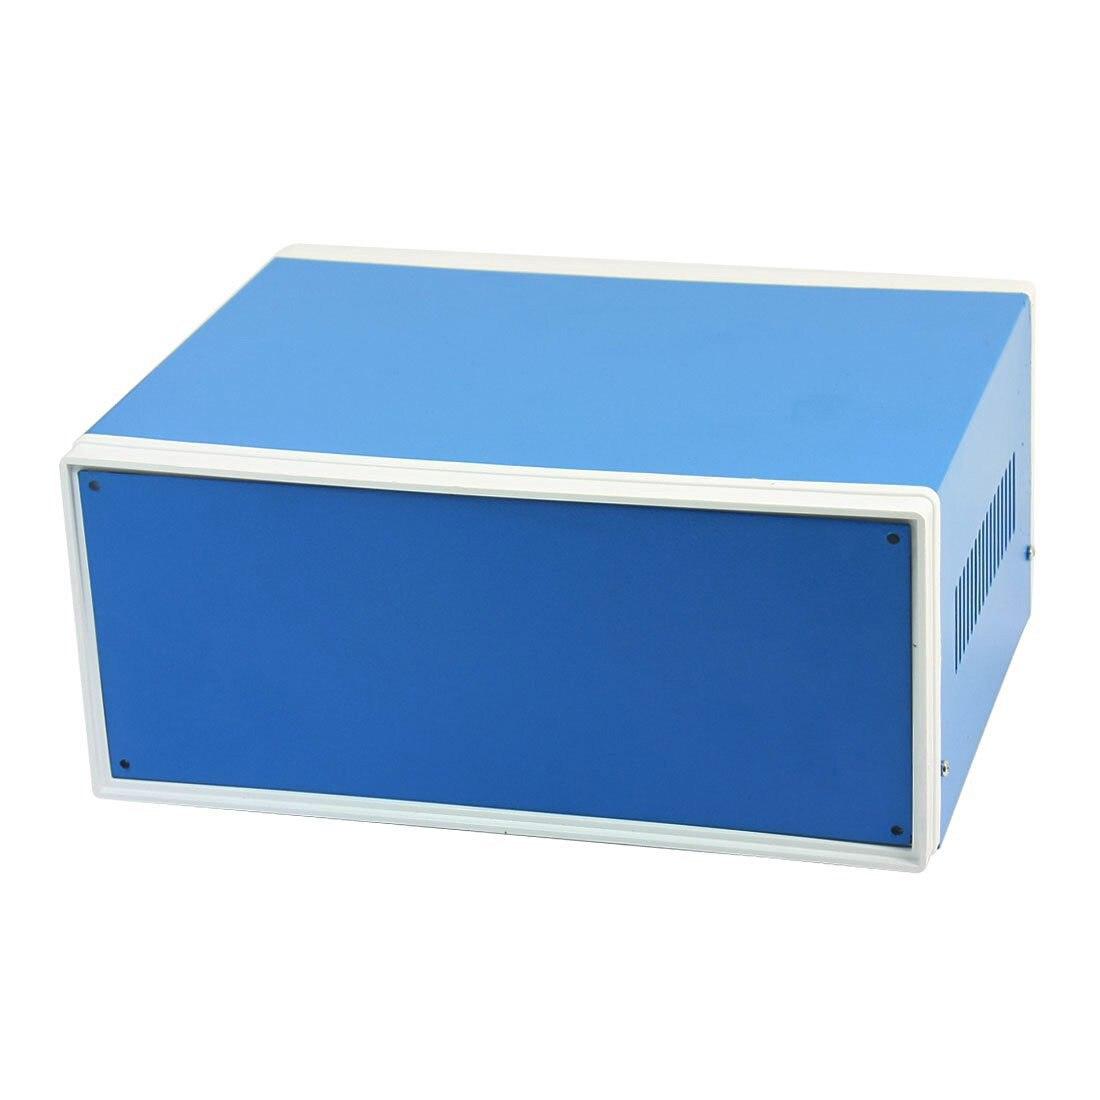 9.8 x 7.5 x 4.3 Mavi Metal Muhafaza Proje Kutusu DIY Buat9.8 x 7.5 x 4.3 Mavi Metal Muhafaza Proje Kutusu DIY Buat